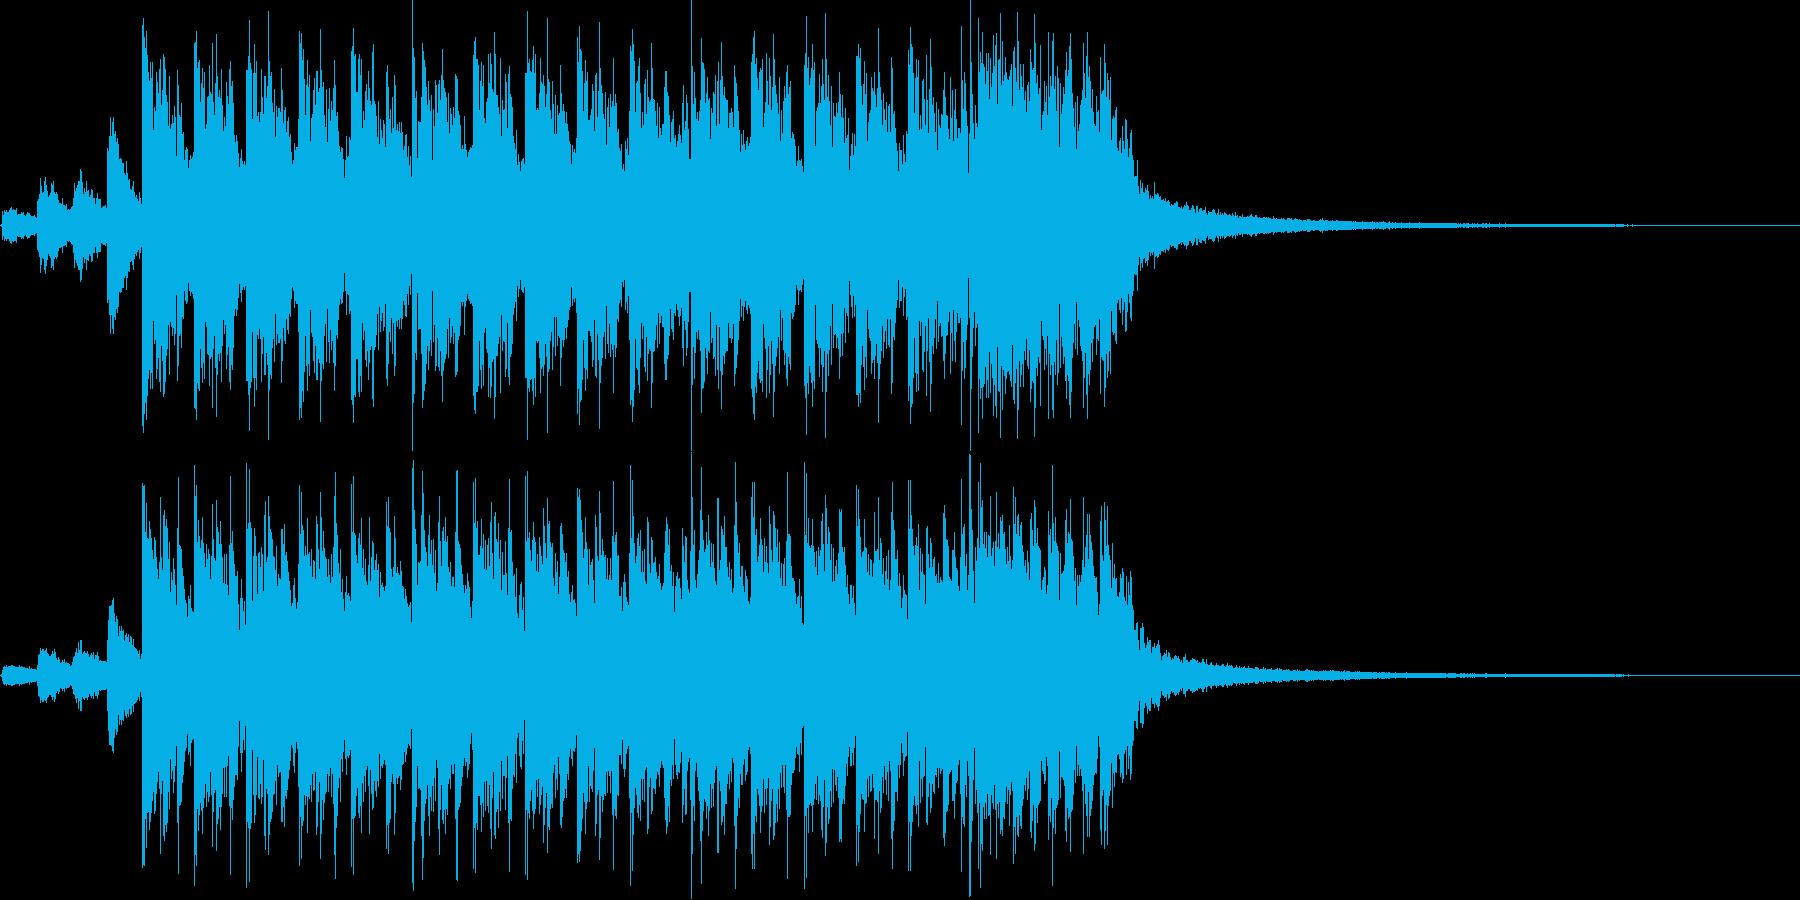 激しく疾走感のあるメタル風の曲の再生済みの波形